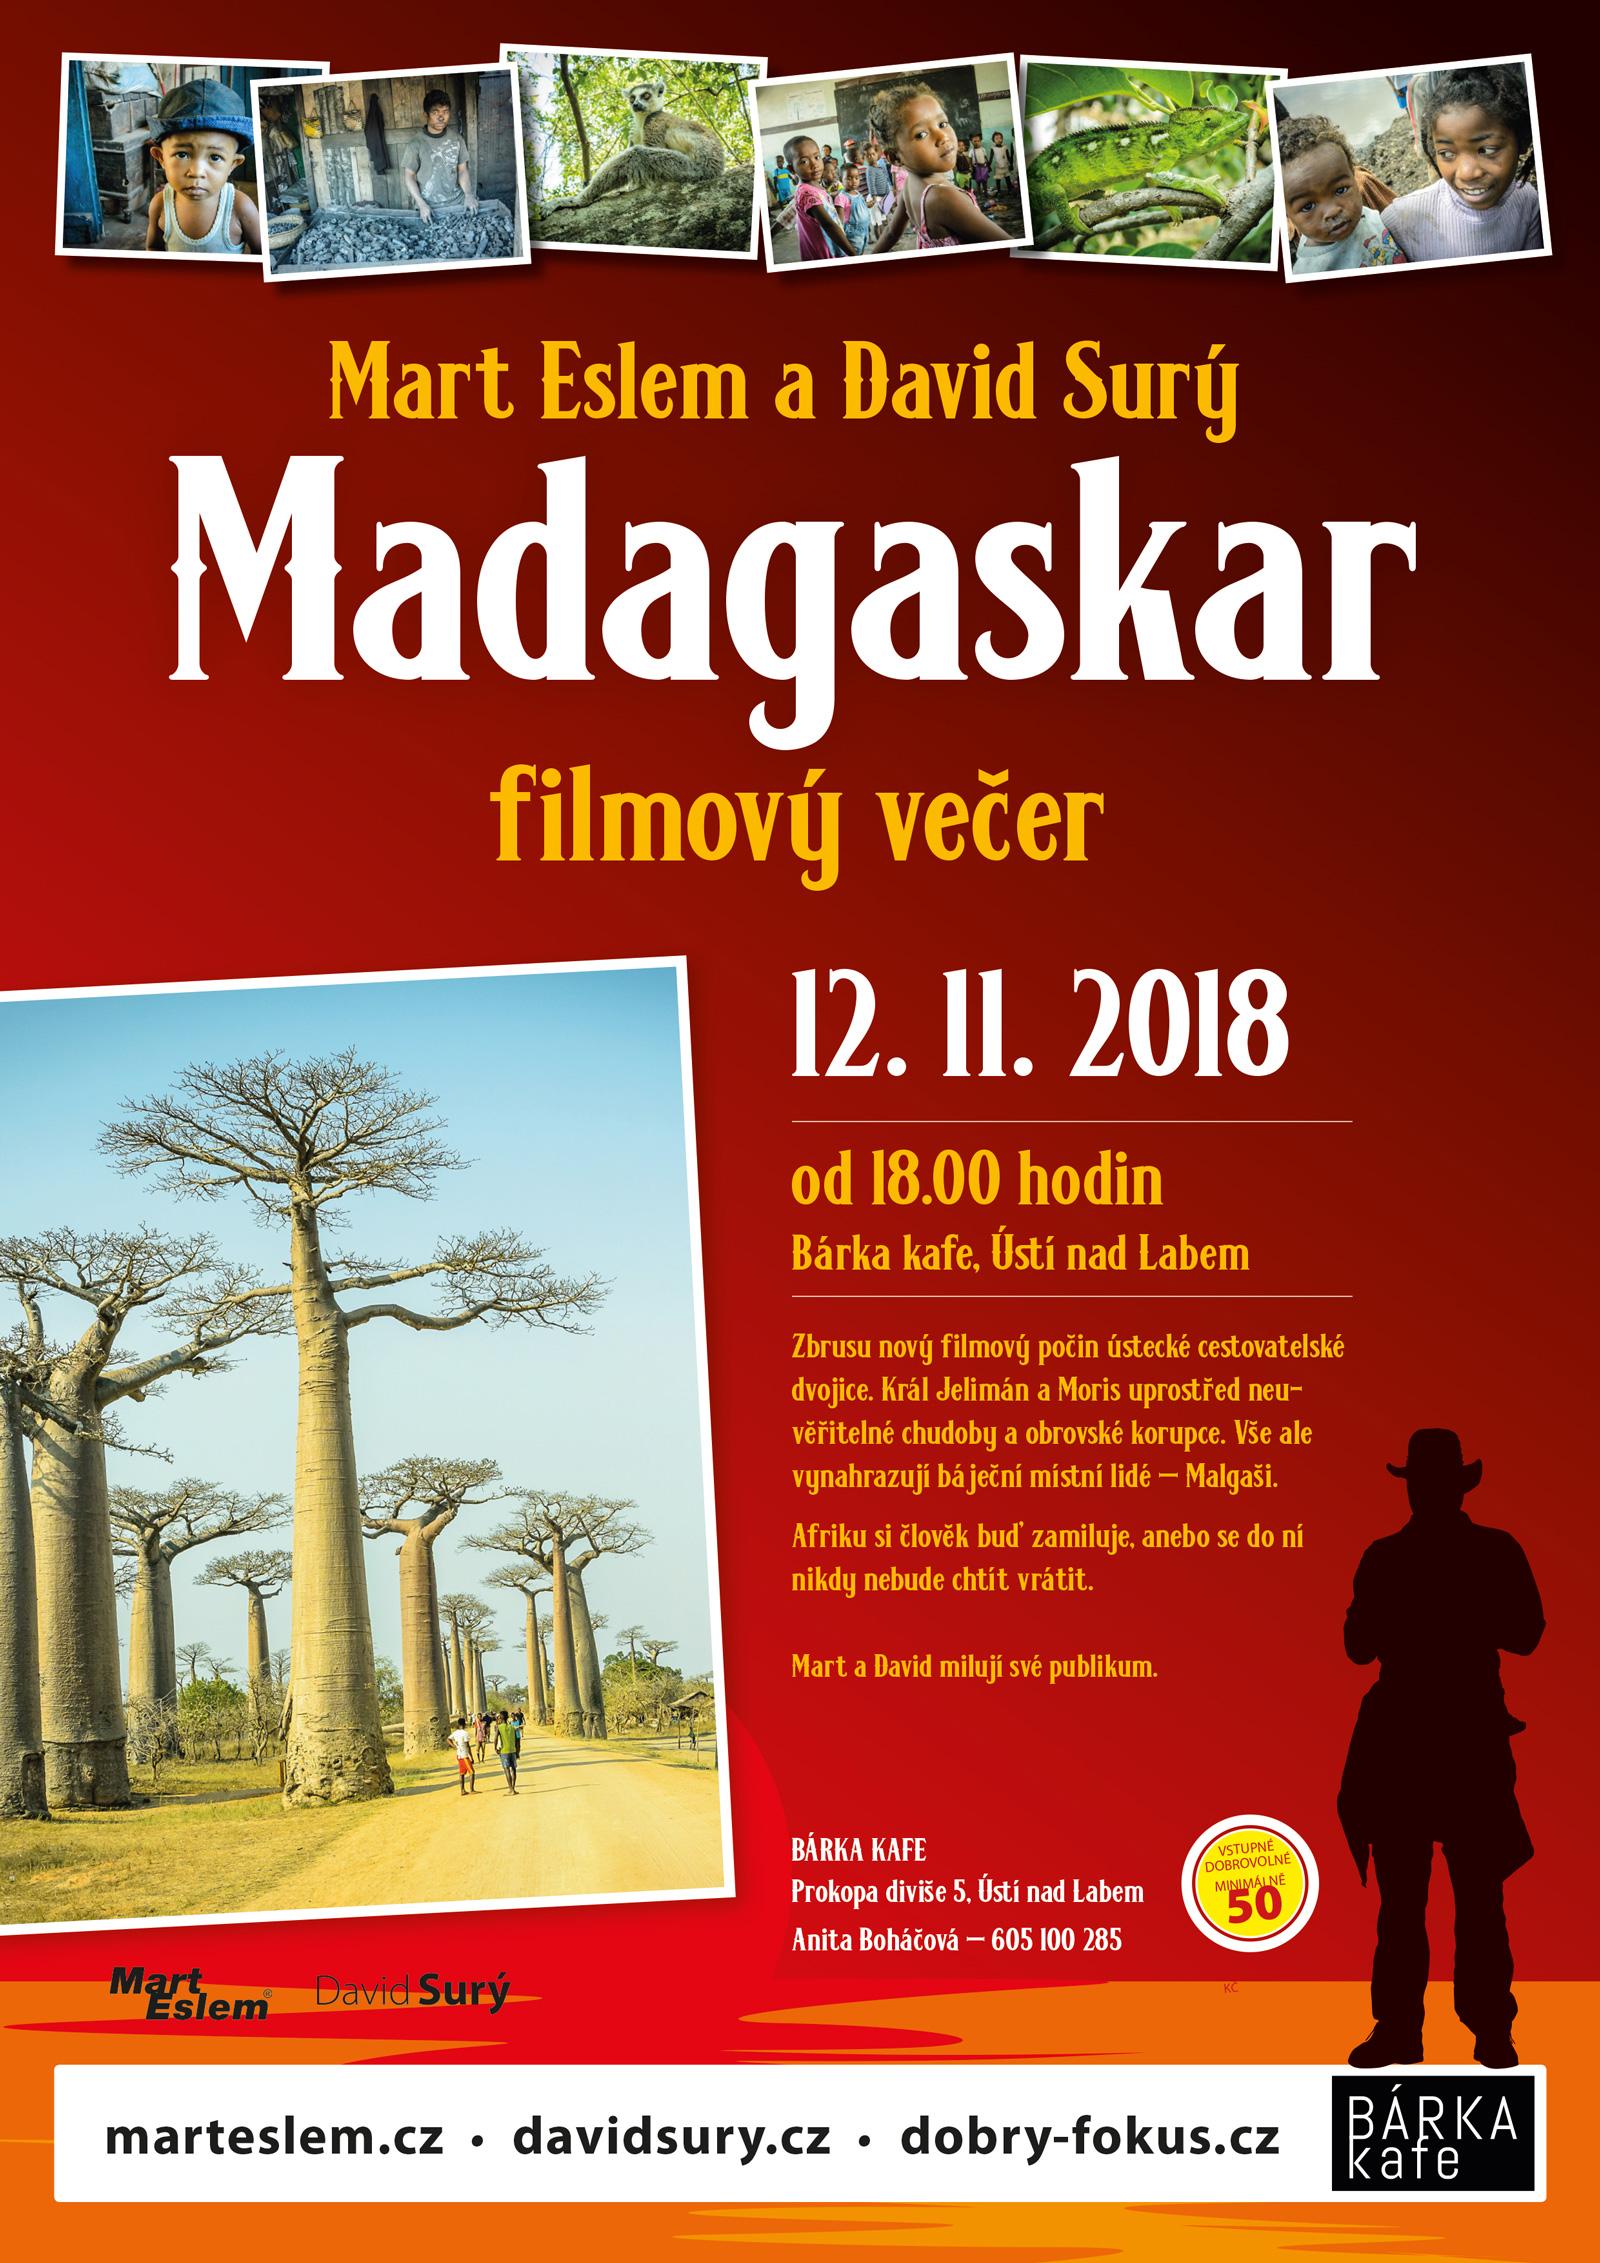 Madagaskar – beseda a film (Ústí nad Labem) Bárka kafe David Surý Mart Eslem